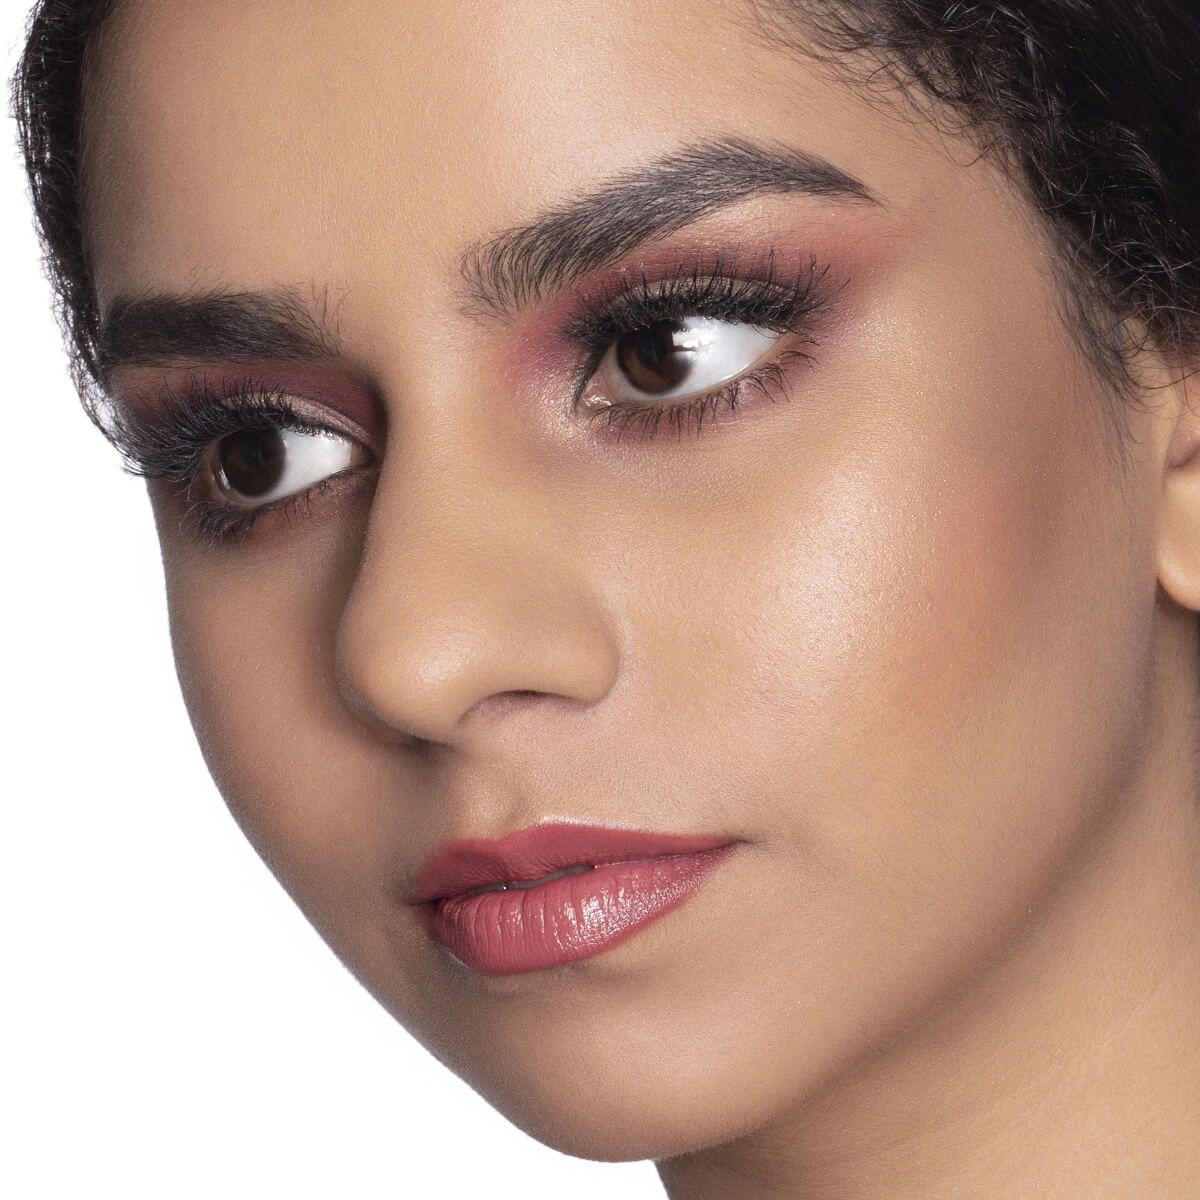 Celebrity Inspired Makeup : FKA Twigs's Makeup Look